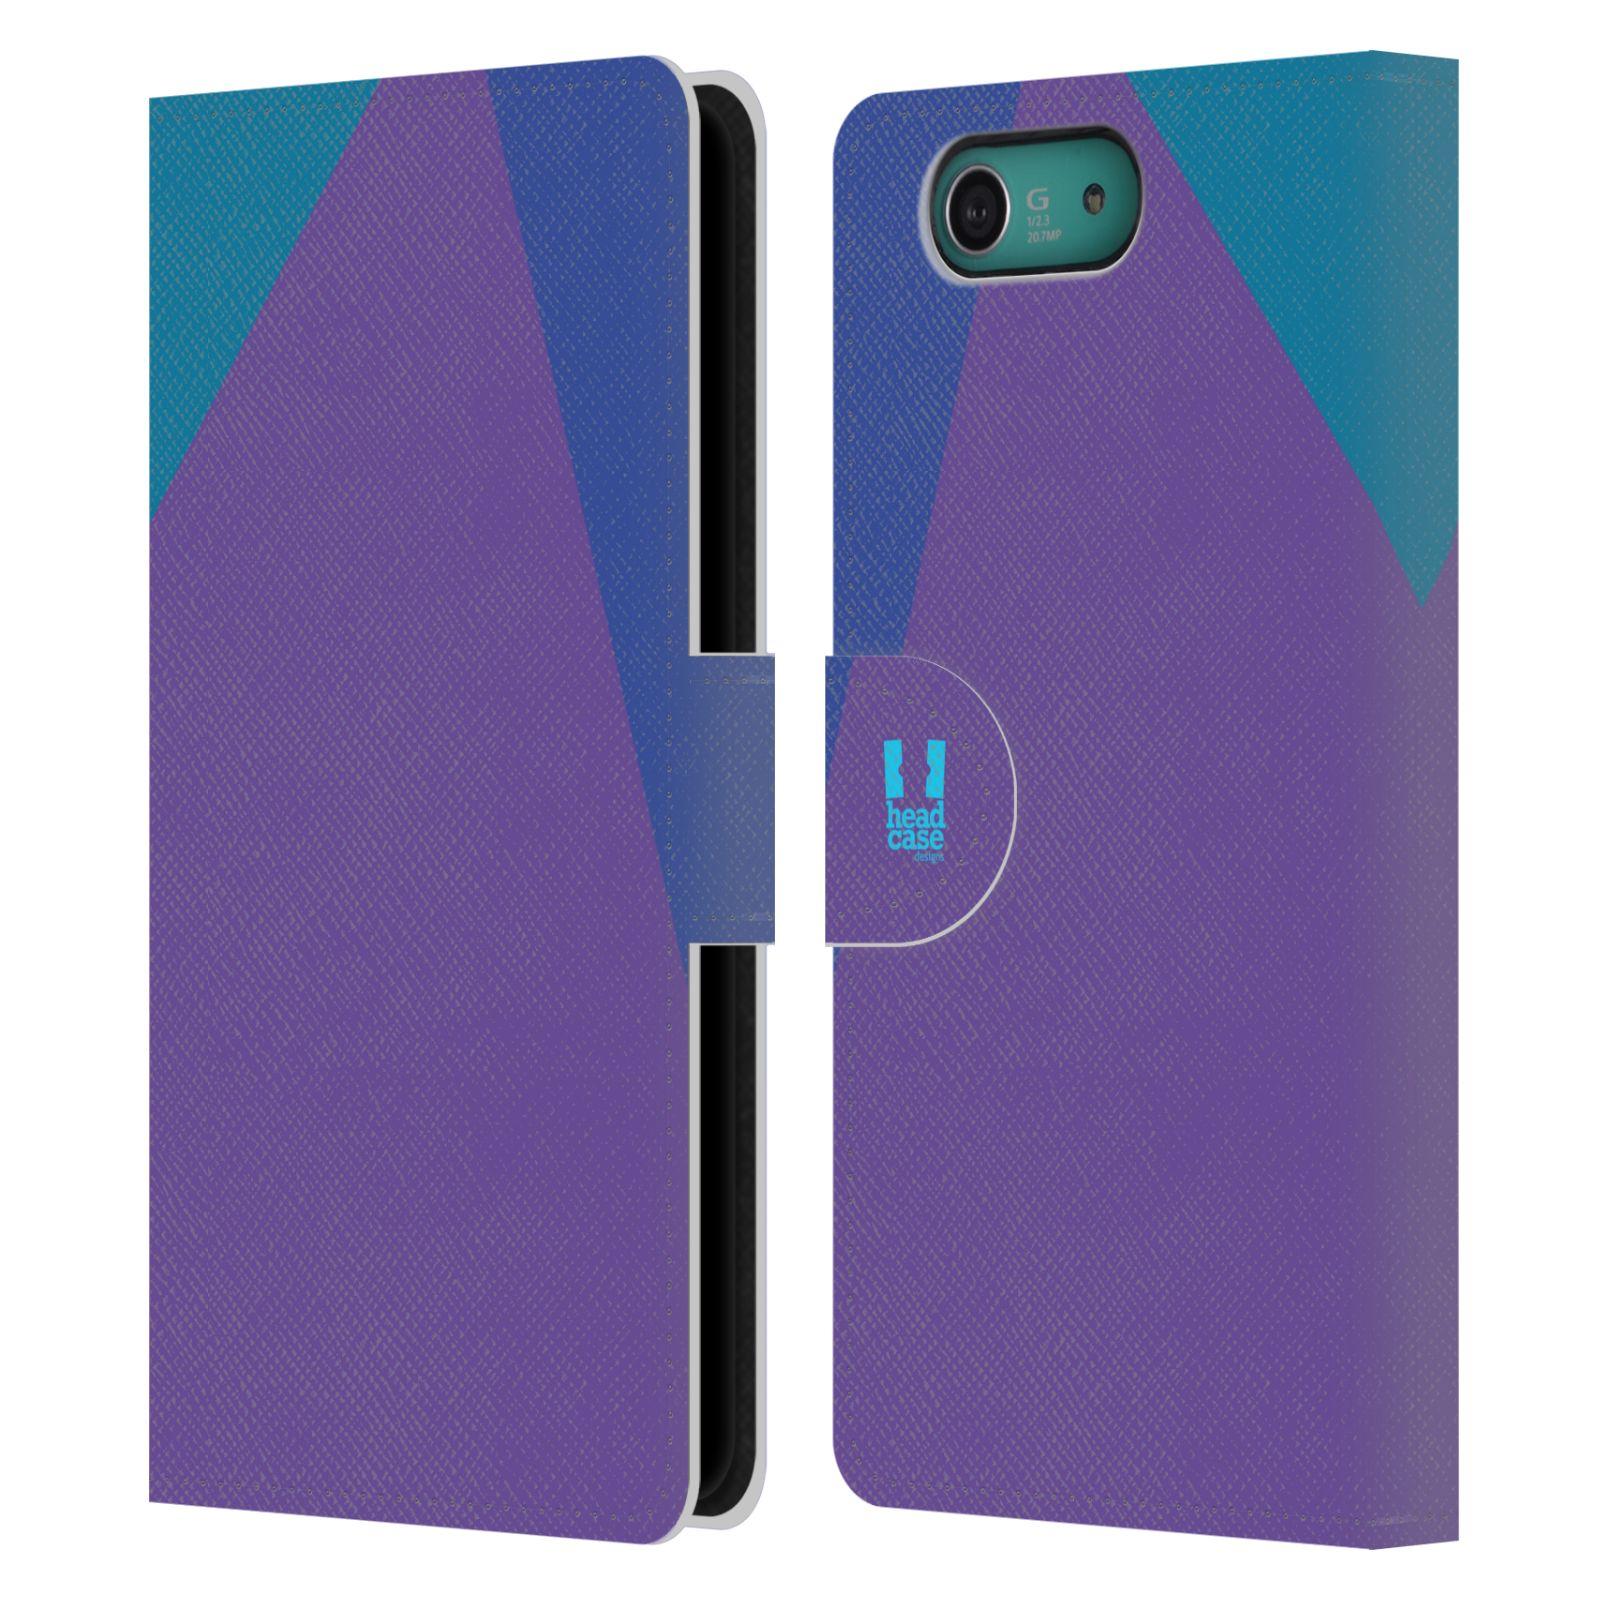 HEAD CASE Flipové pouzdro pro mobil SONY XPERIA Z3 COMPACT barevné tvary fialová feminine